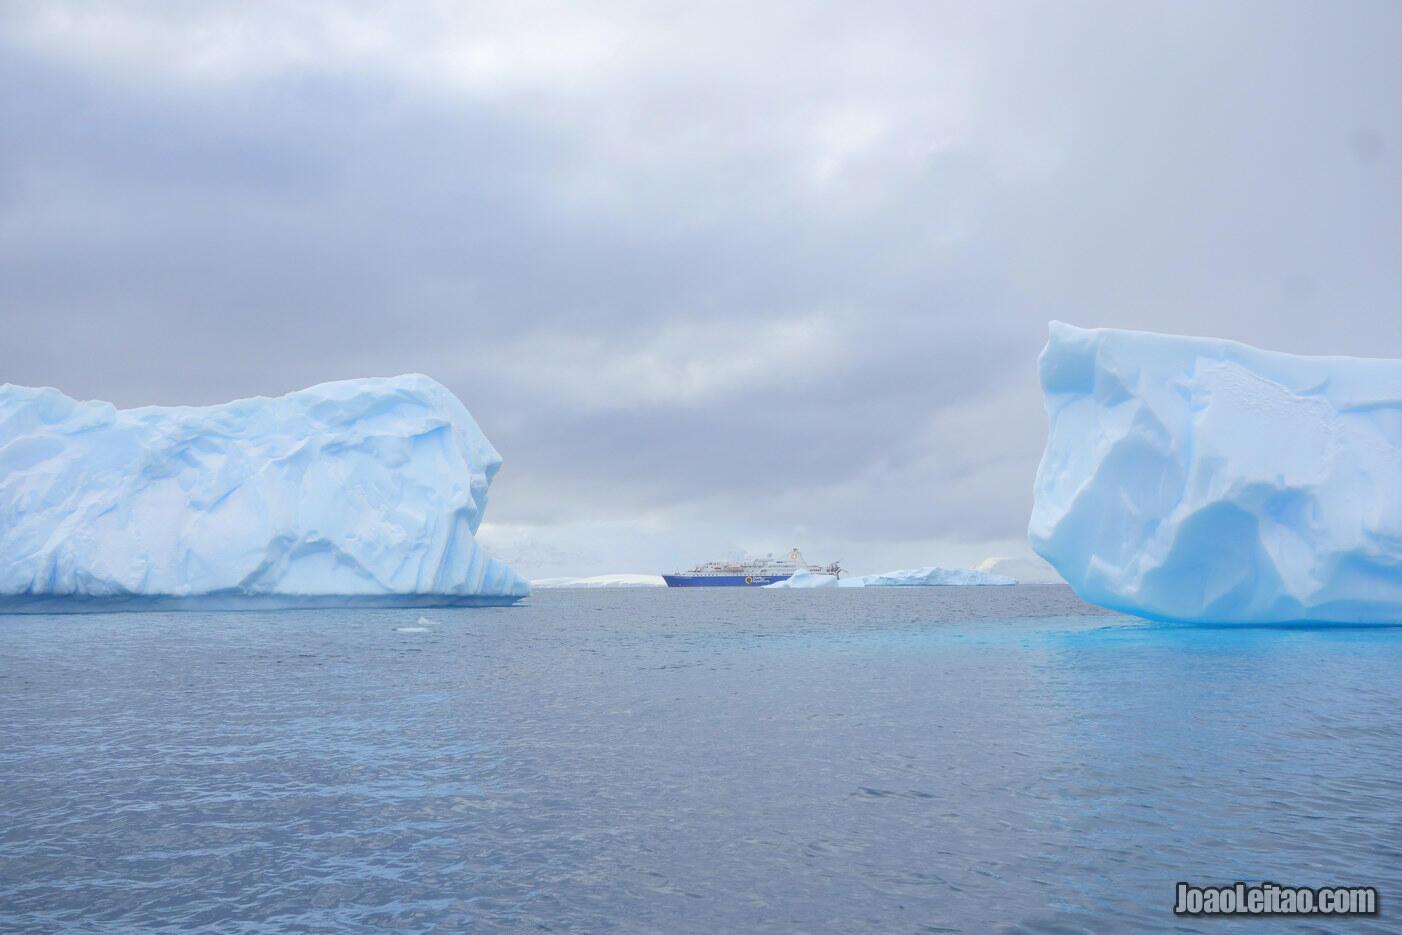 الأيام الدافئة في القطب الجنوبي تتضاعف